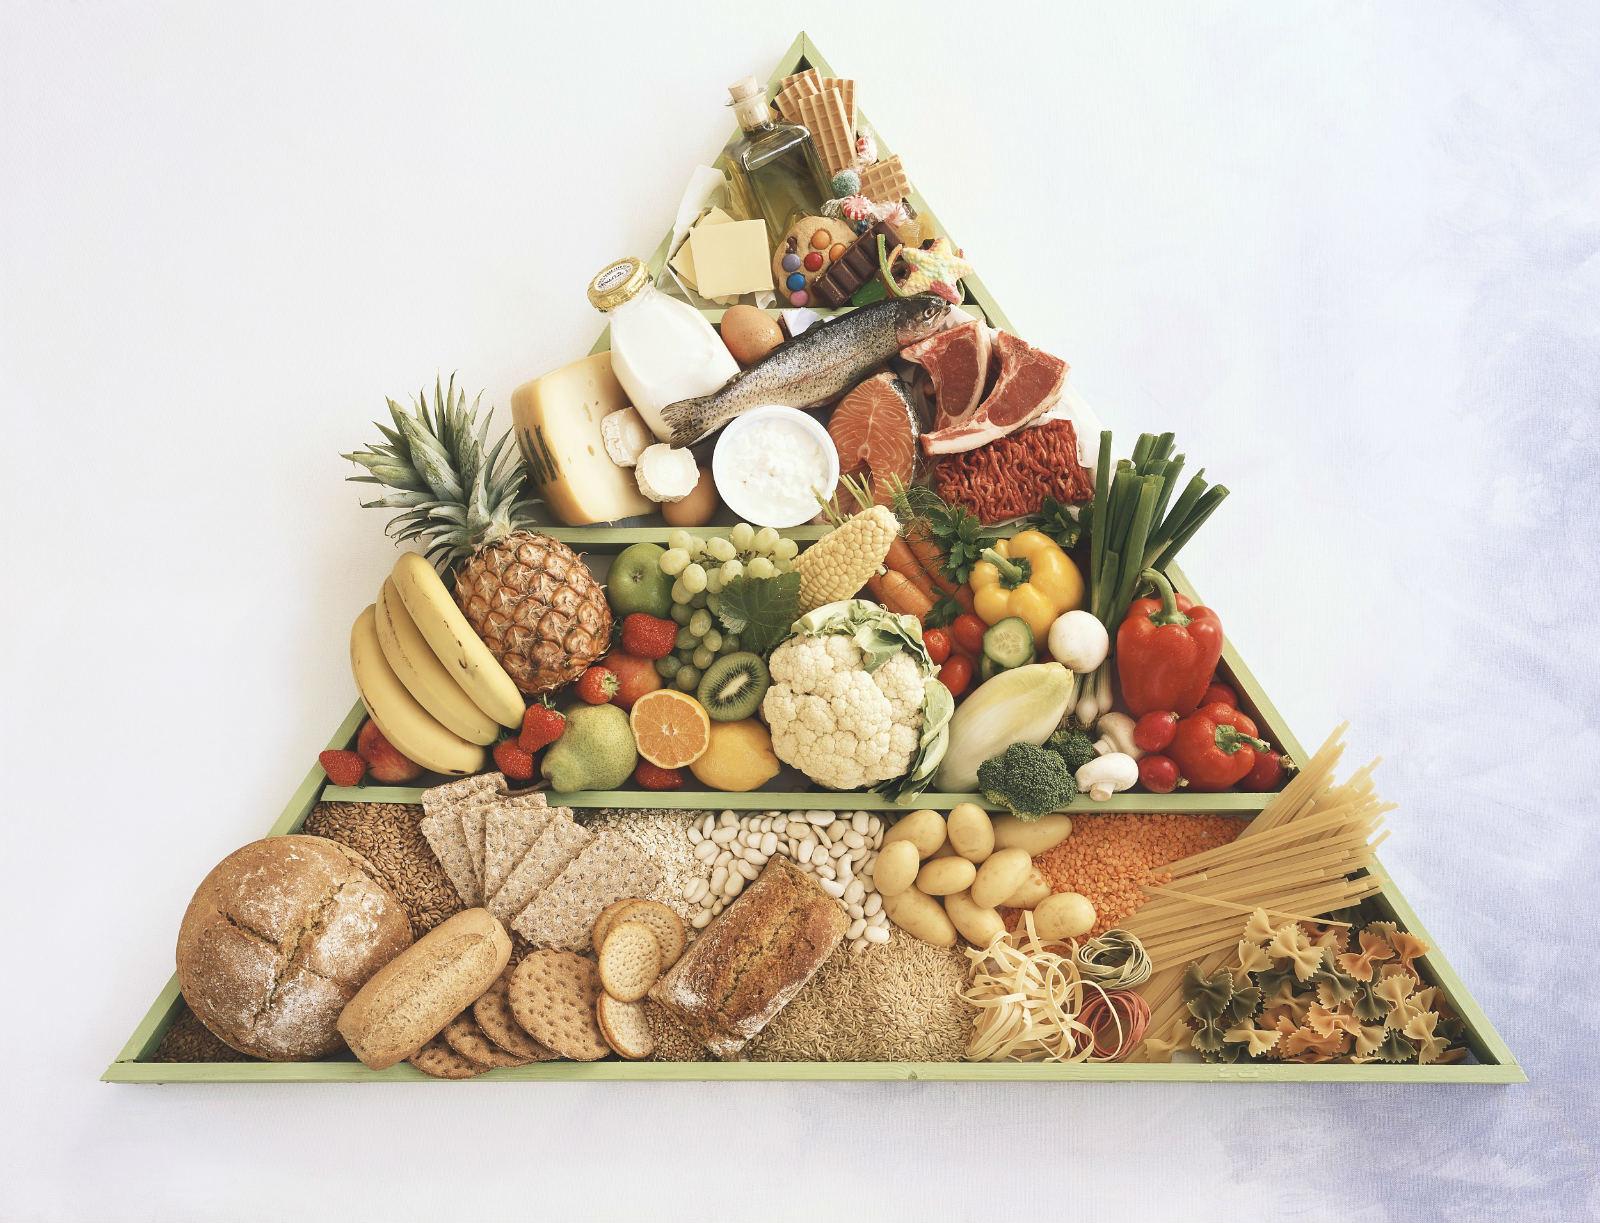 膳食平衡,吃出健康人生